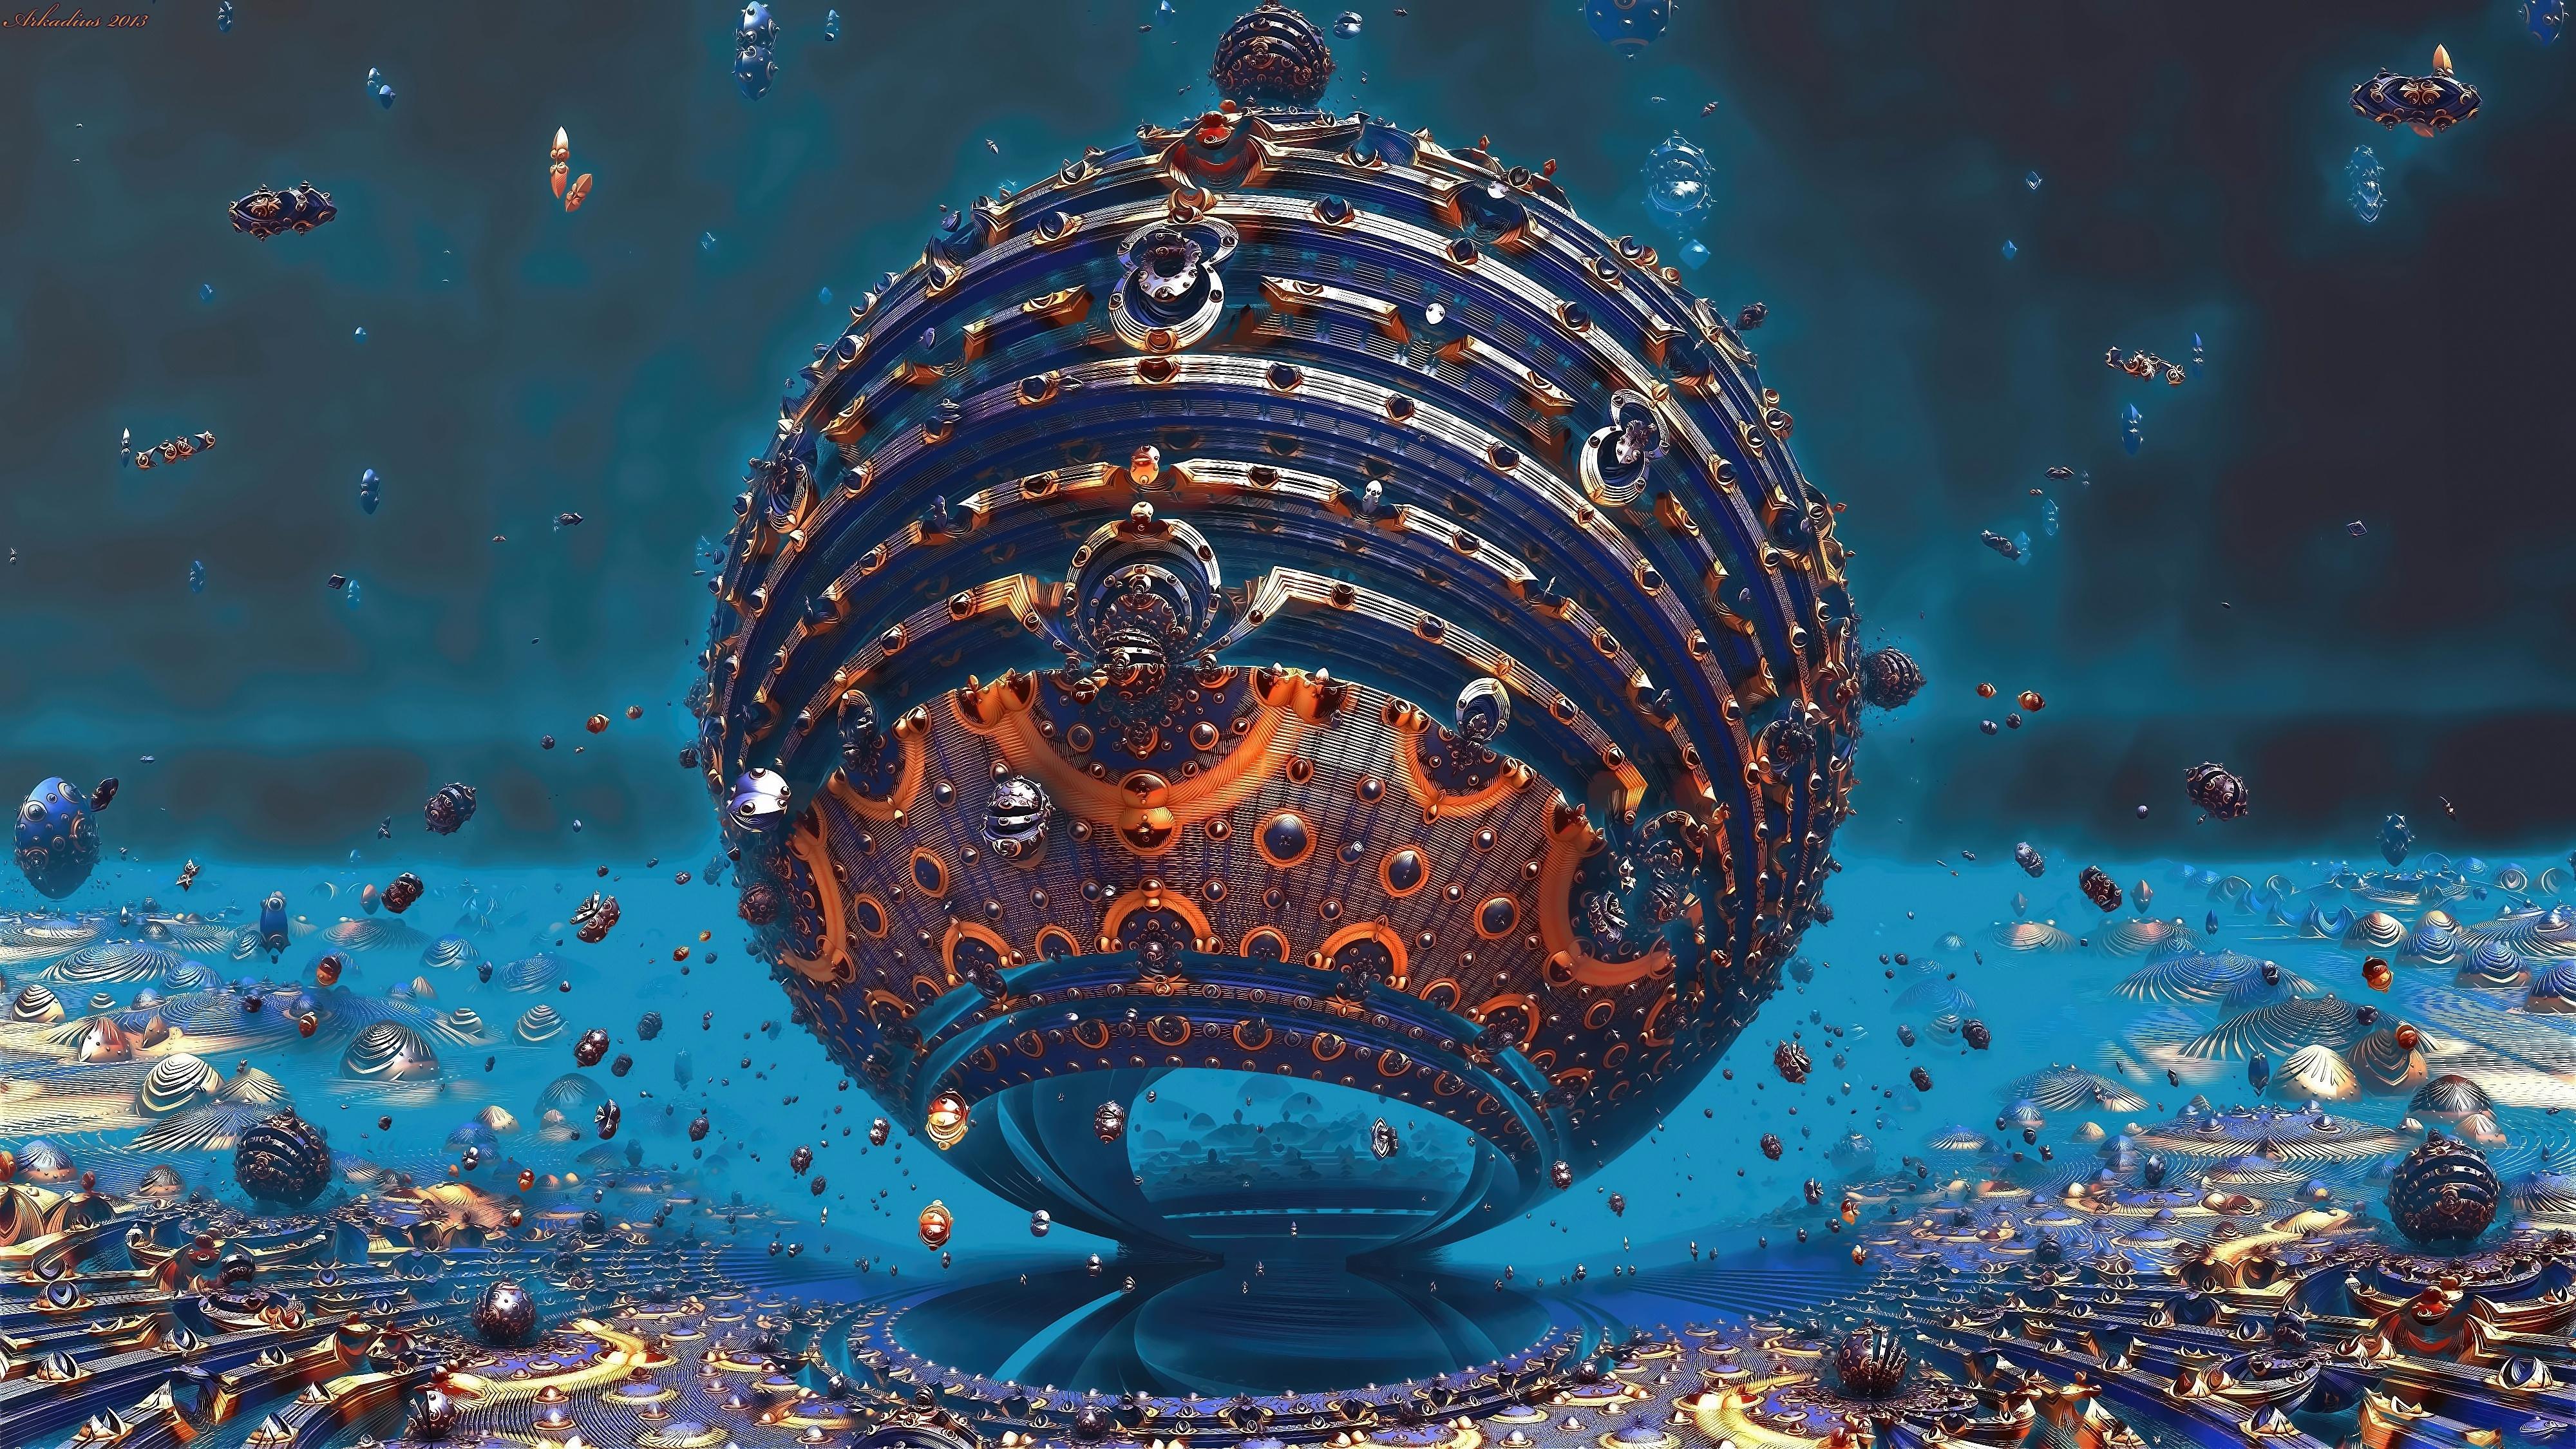 Fractal Sphere 3D 4K, HD Artist, 4k Wallpapers, Images ...